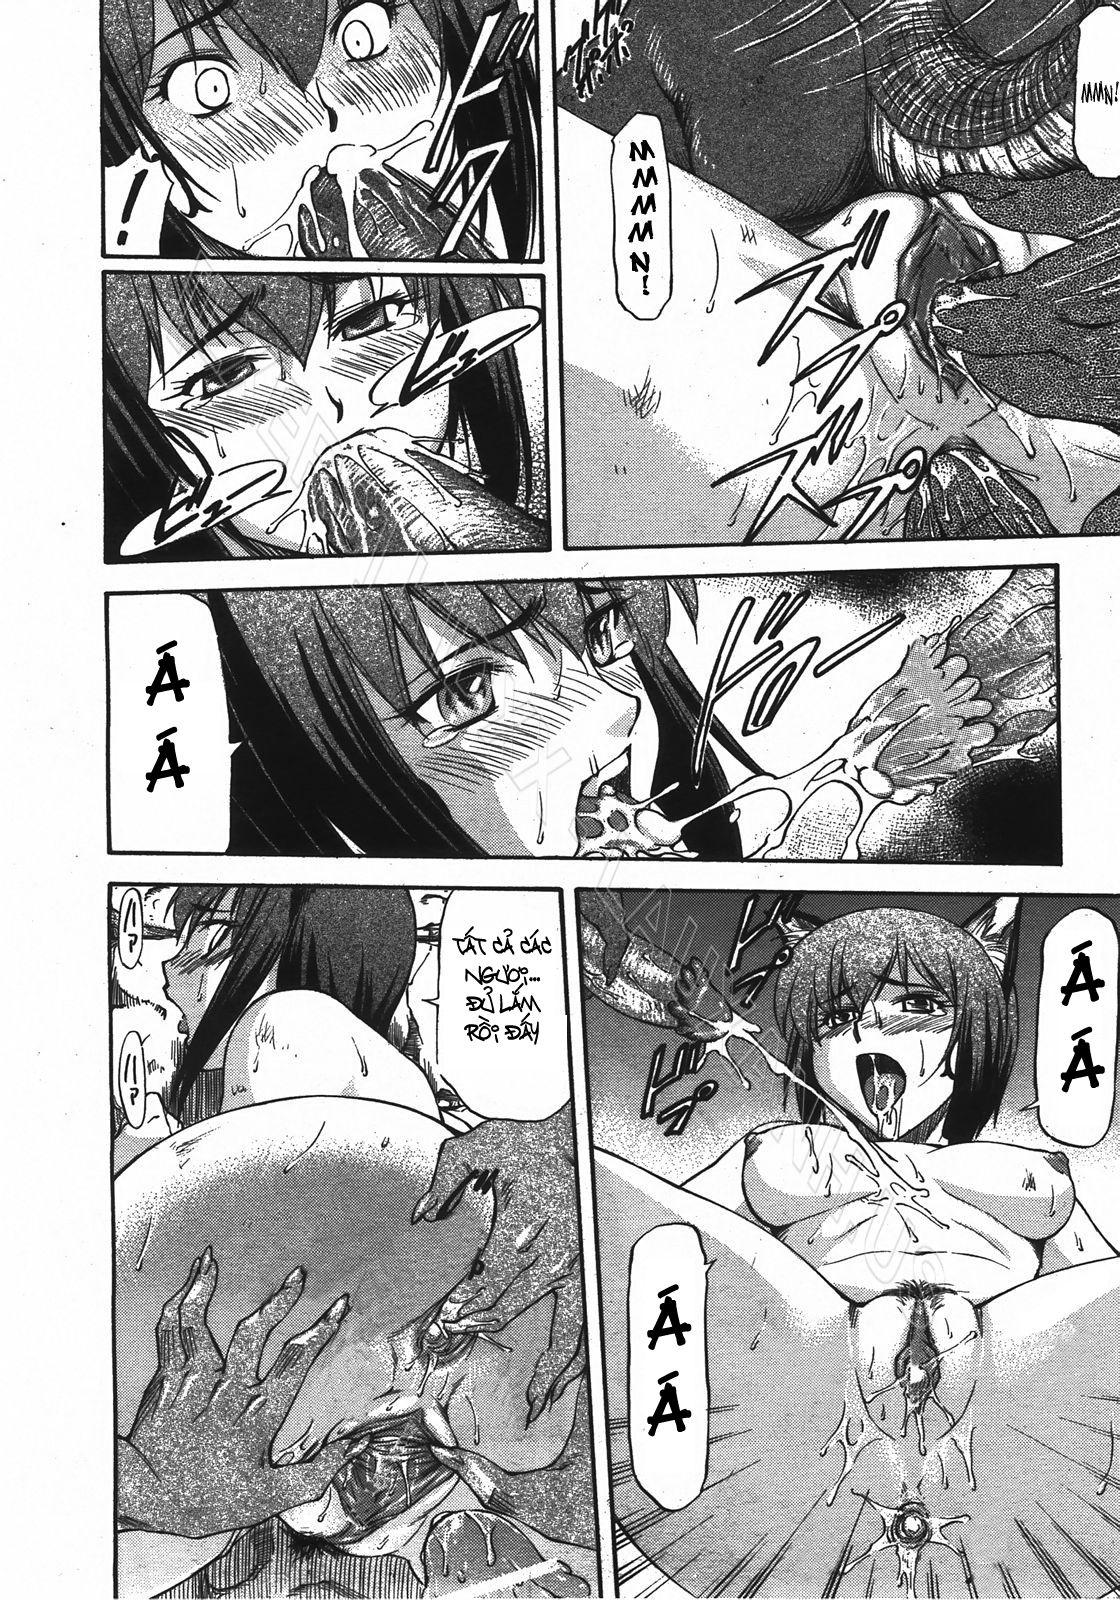 Hình ảnh Hinh_011 trong bài viết Truyện tranh hentai không che: Parabellum